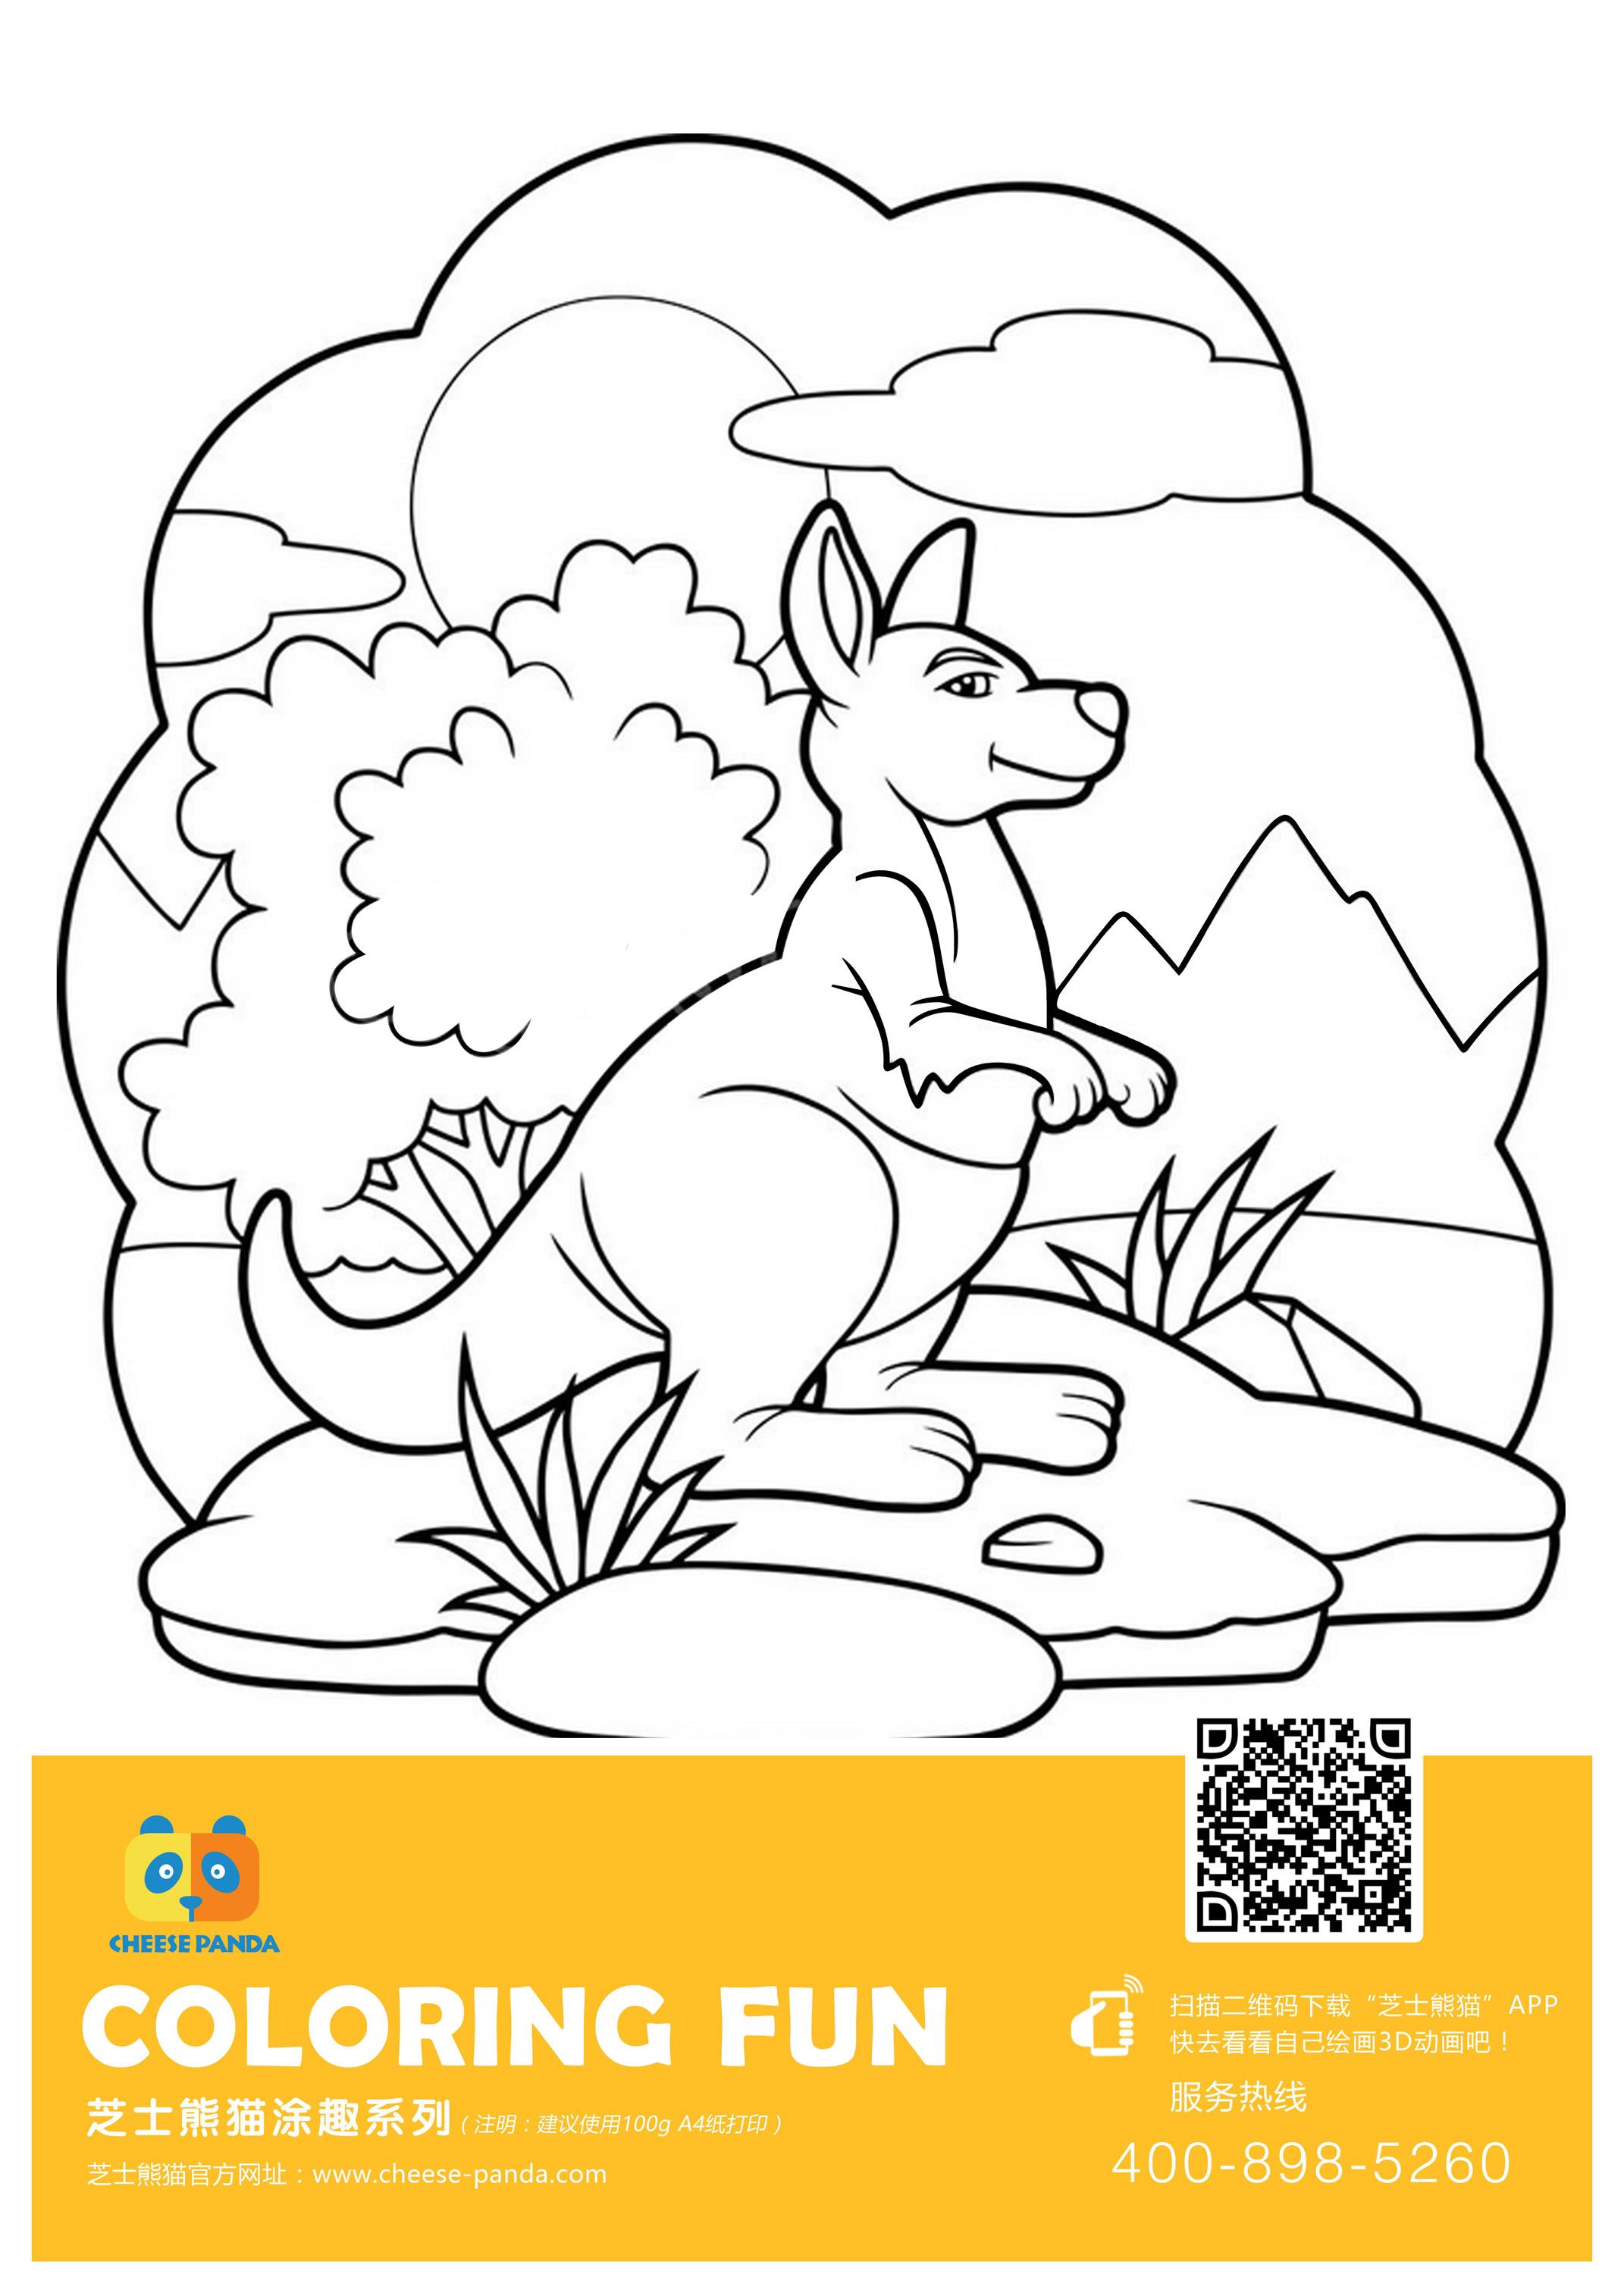 简笔画教你从颜色看性格:酷爱黄色的孩子依赖性较强